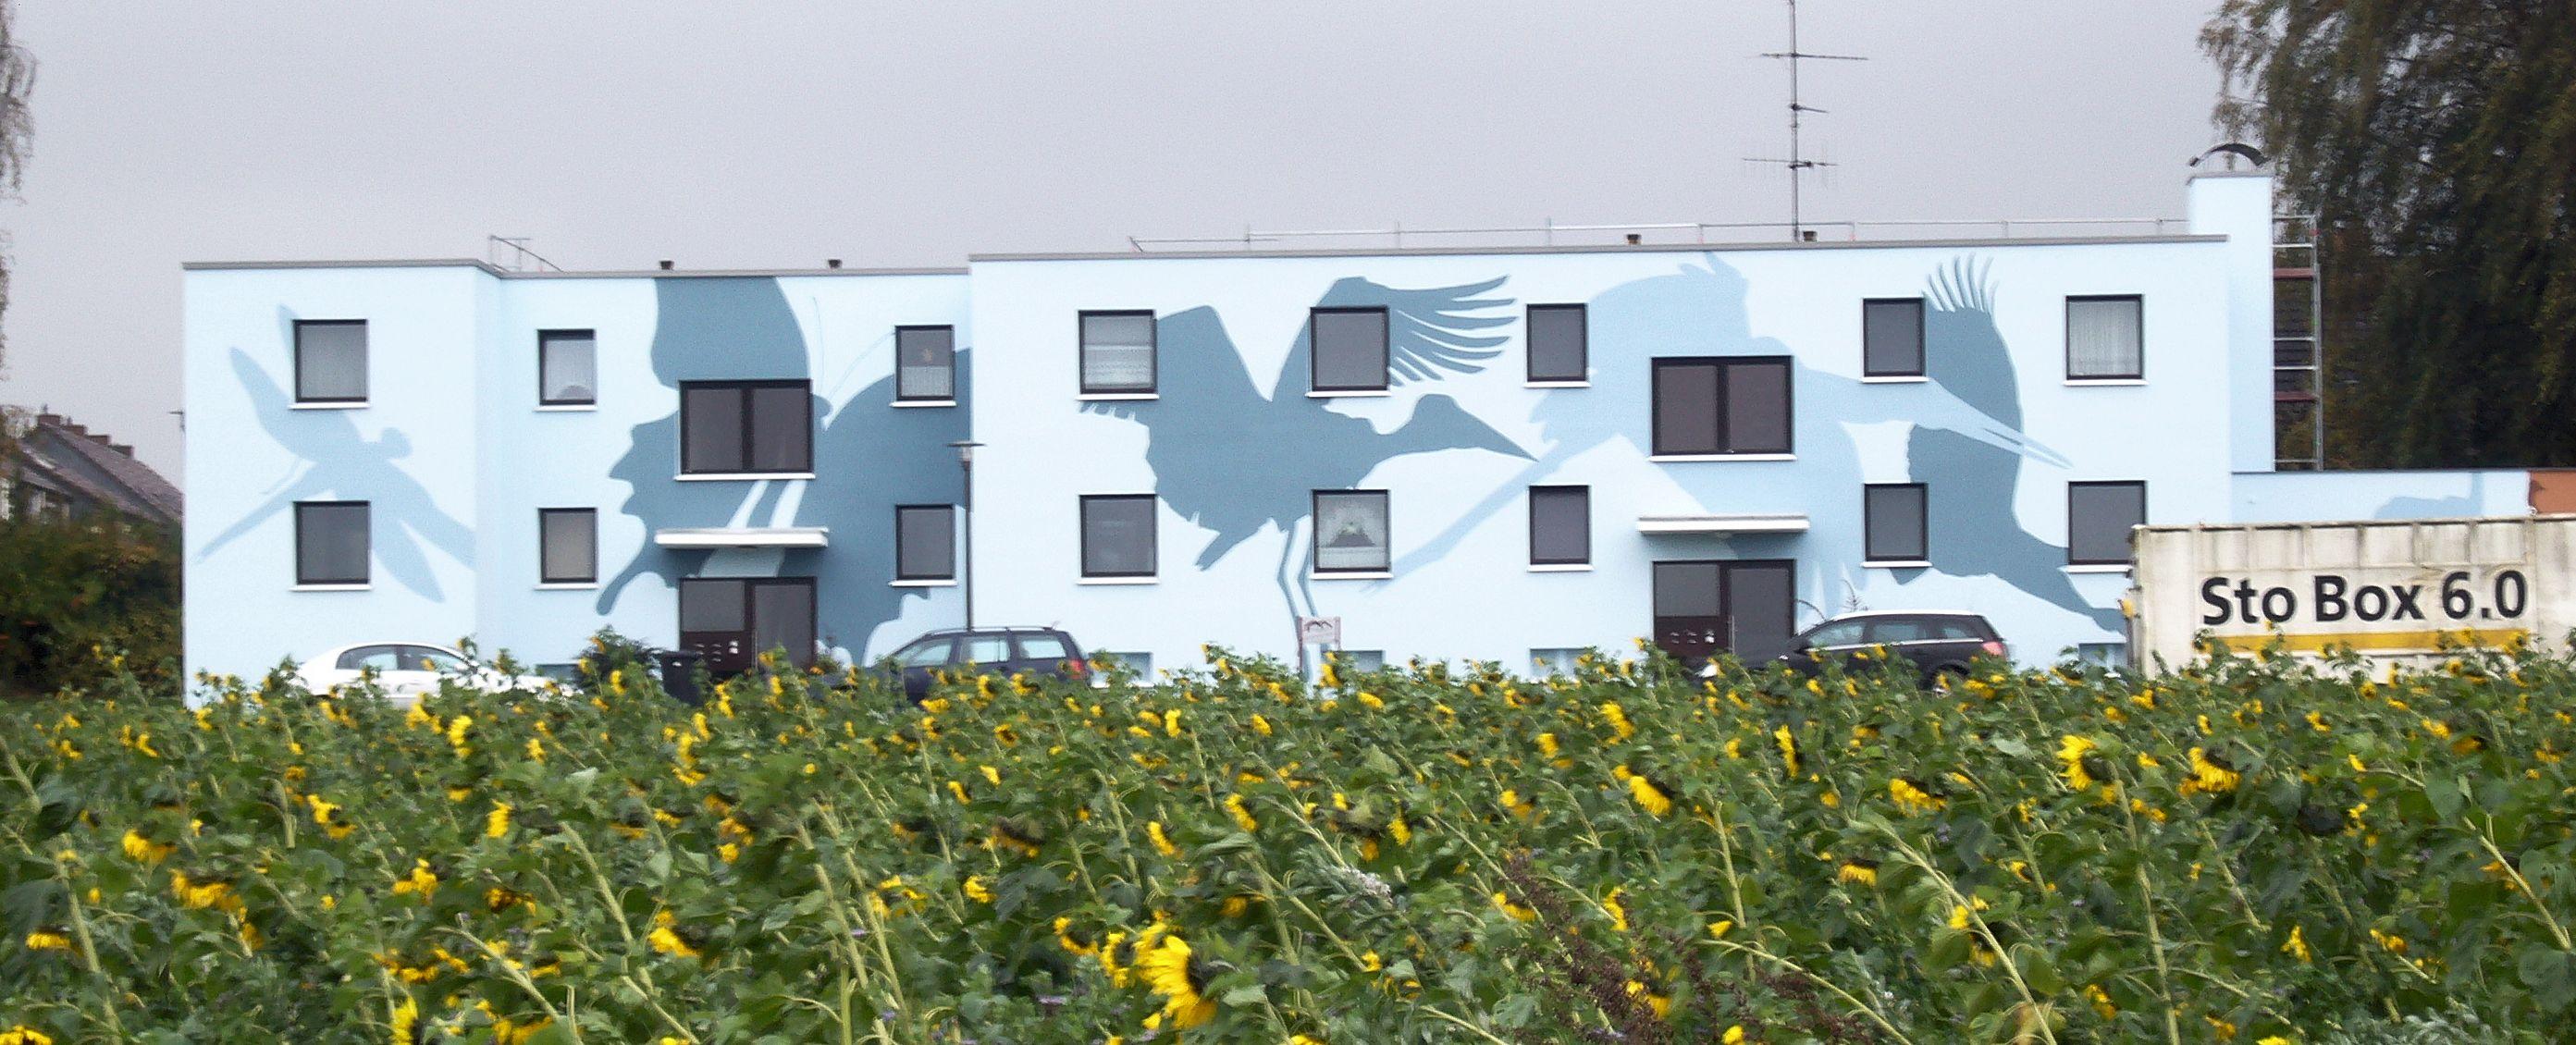 http://www.kwg-helmstedt.de/media/memeler35-37.jpg